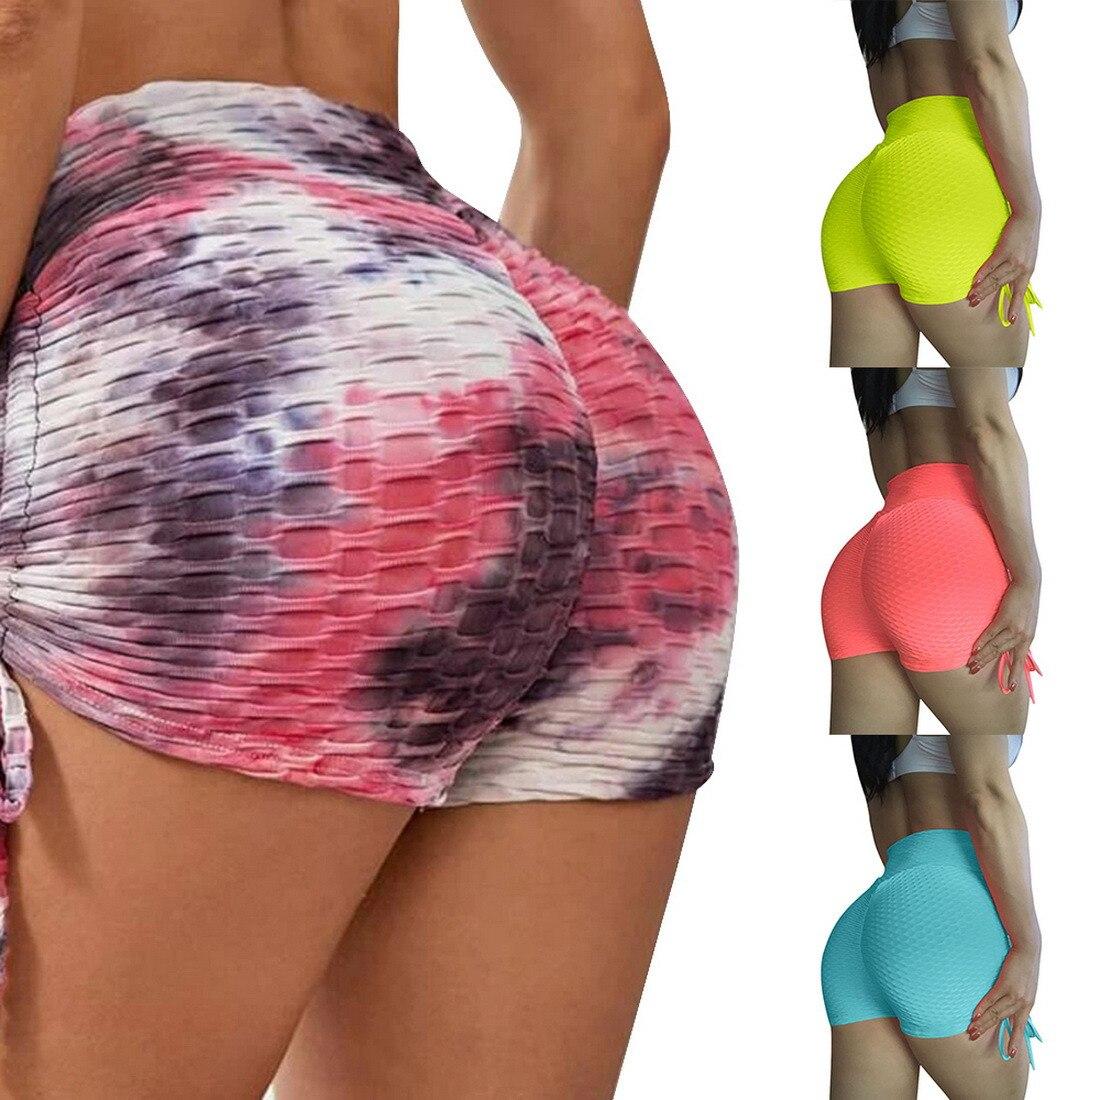 Упражнения для бега шорты для йоги 2021 тренировки для женщин с высокой талией облегающие тренажерные залы с высокой талией спортивная одежда компрессионные шорты для женщин